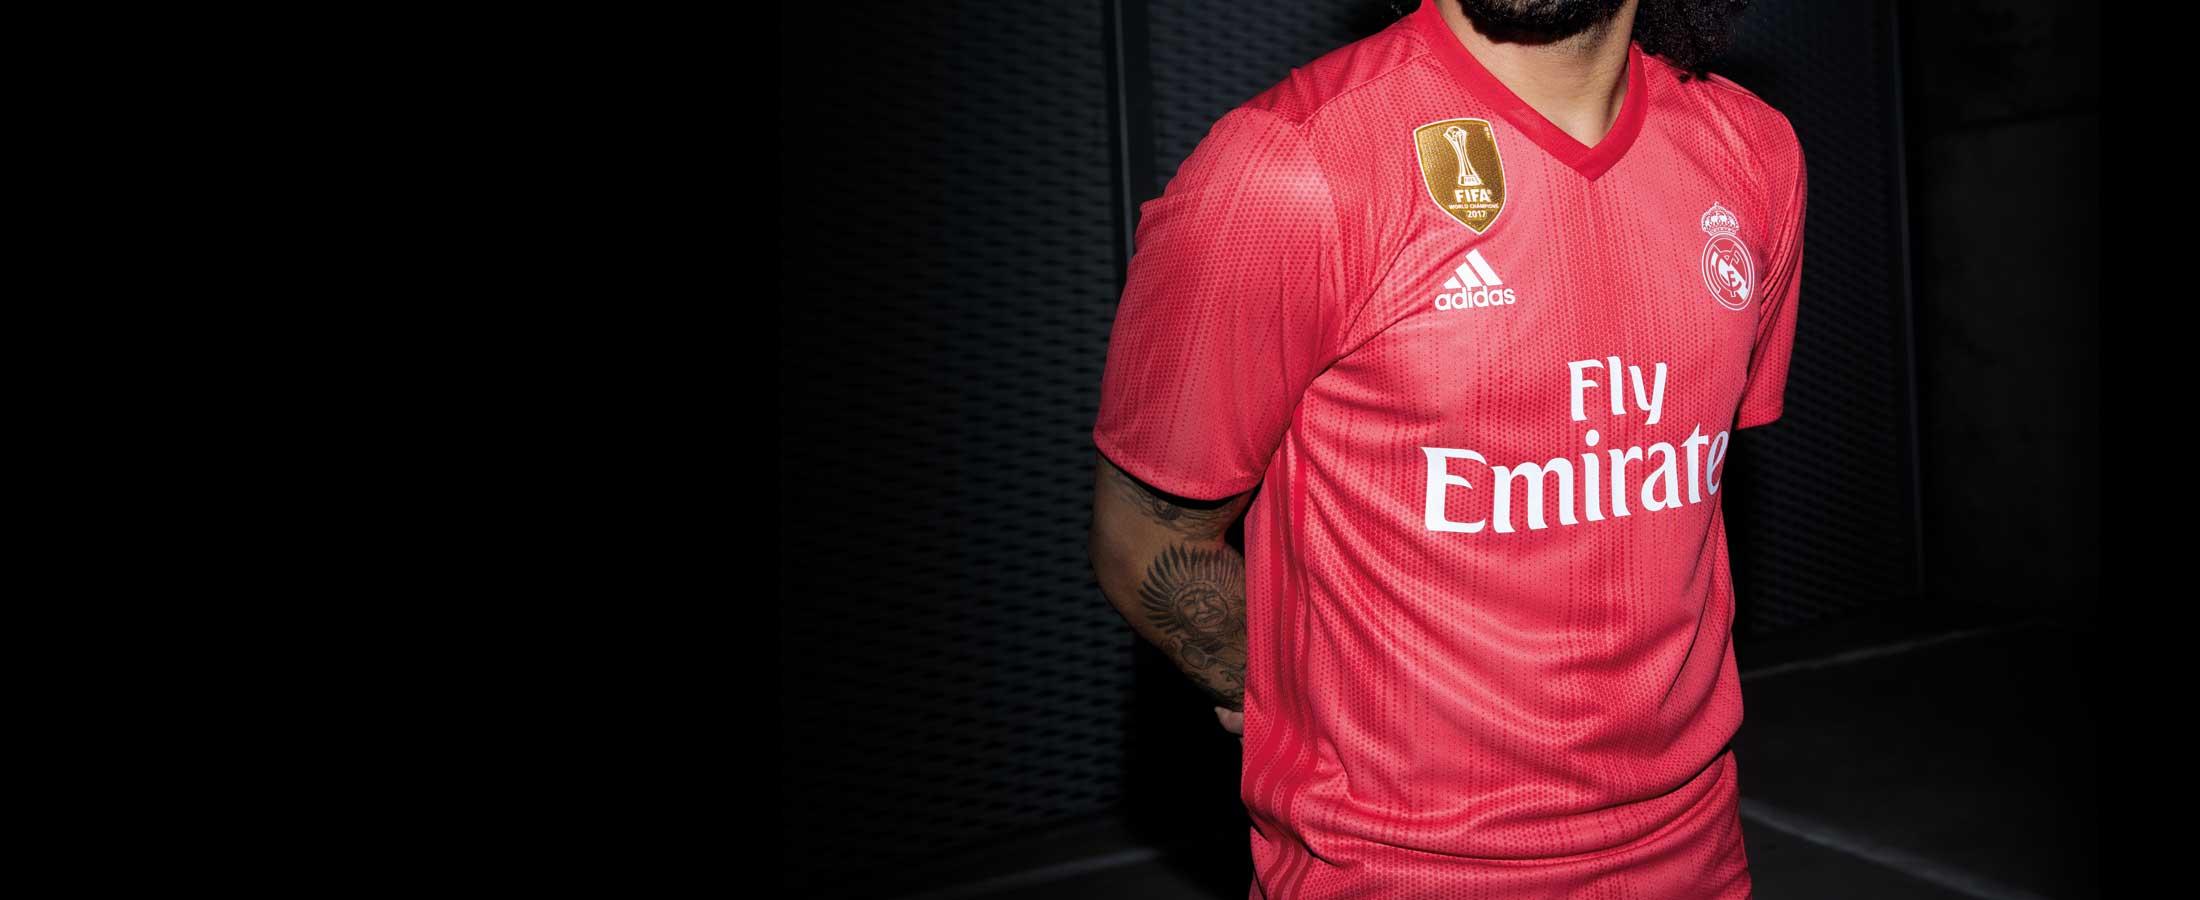 Tercera equipación oficial del Real Madrid